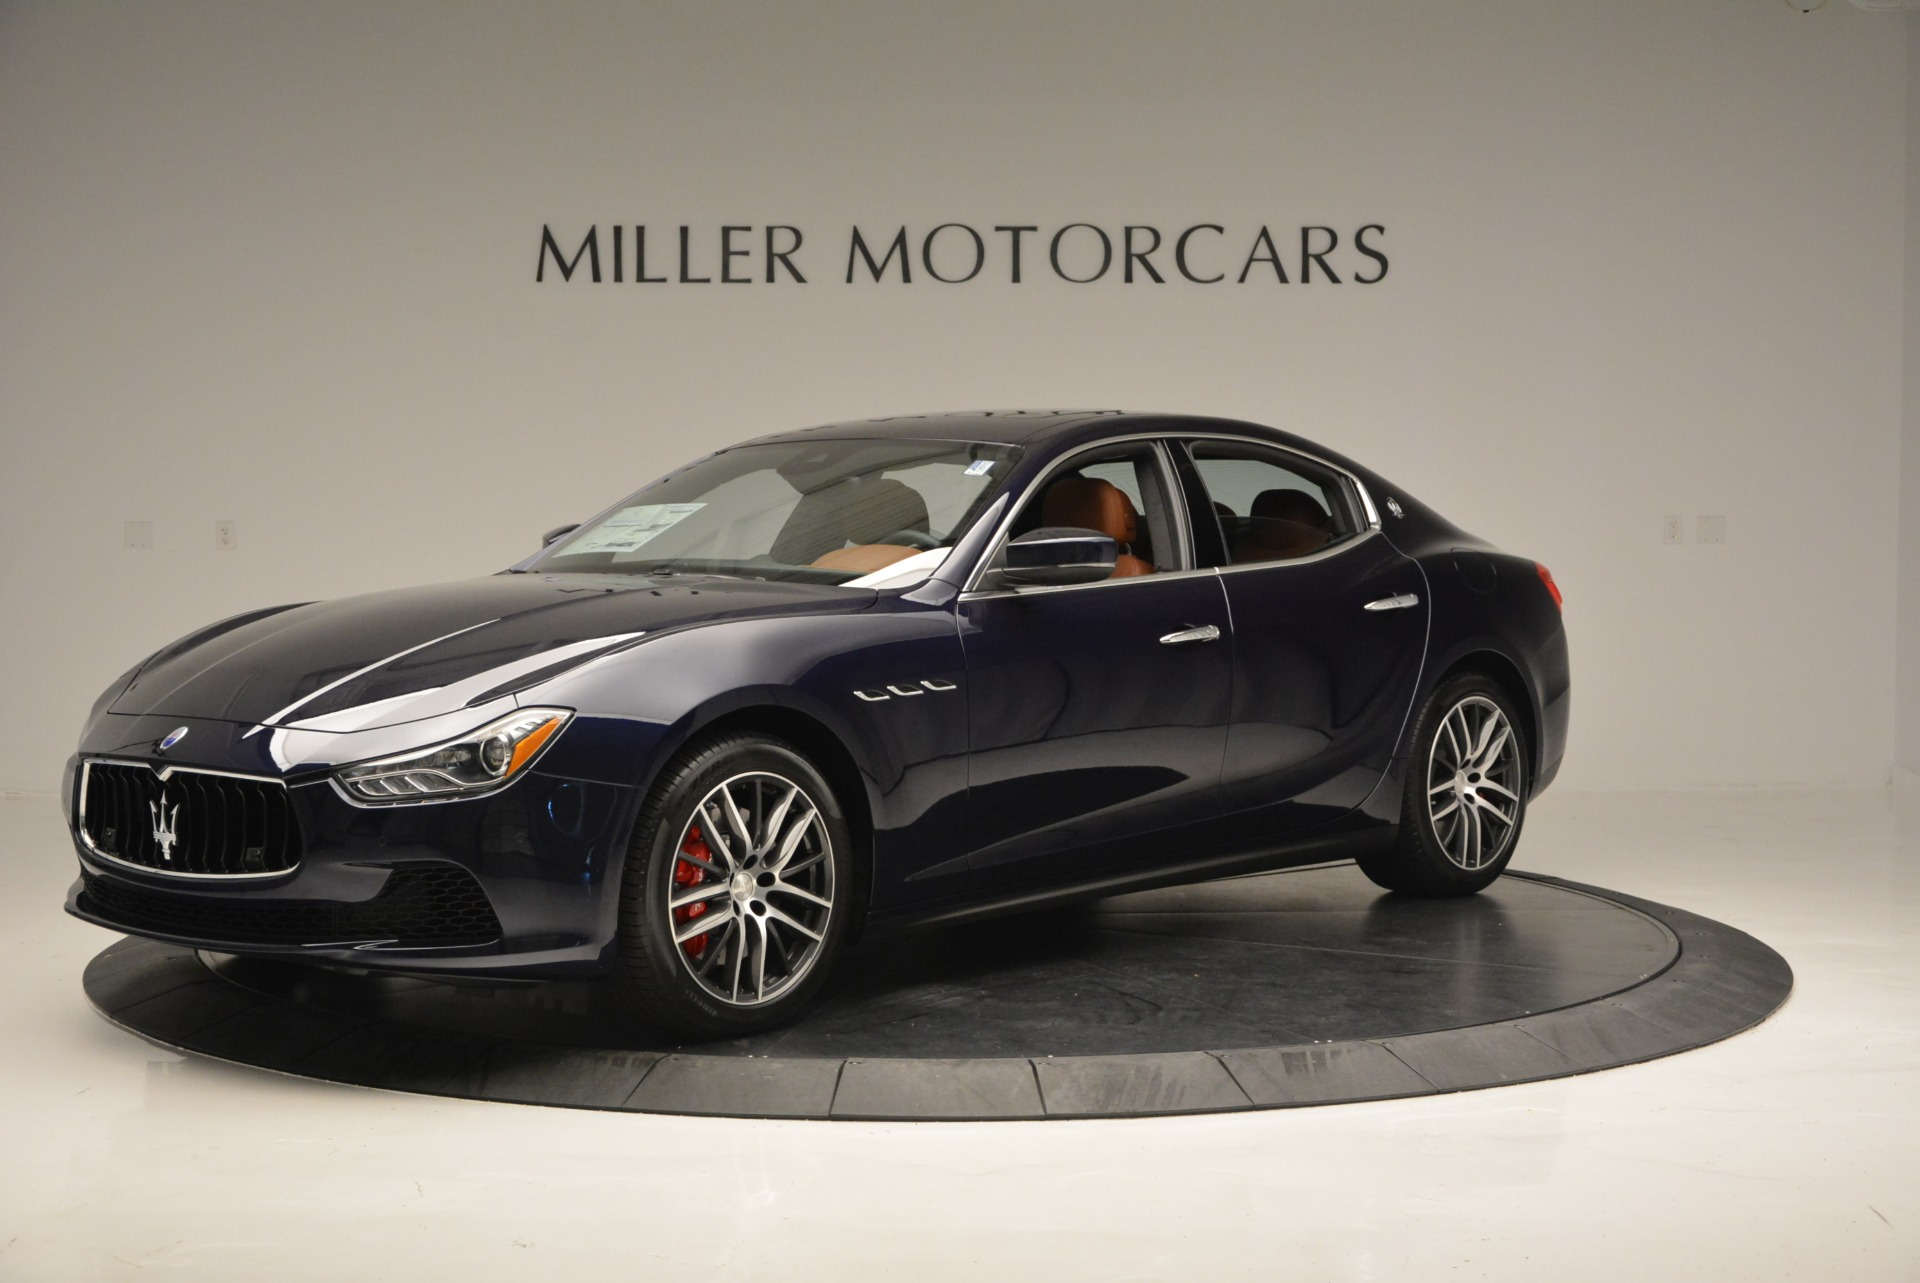 New 2017 Maserati Ghibli S Q4 For Sale In Greenwich, CT 714_p2